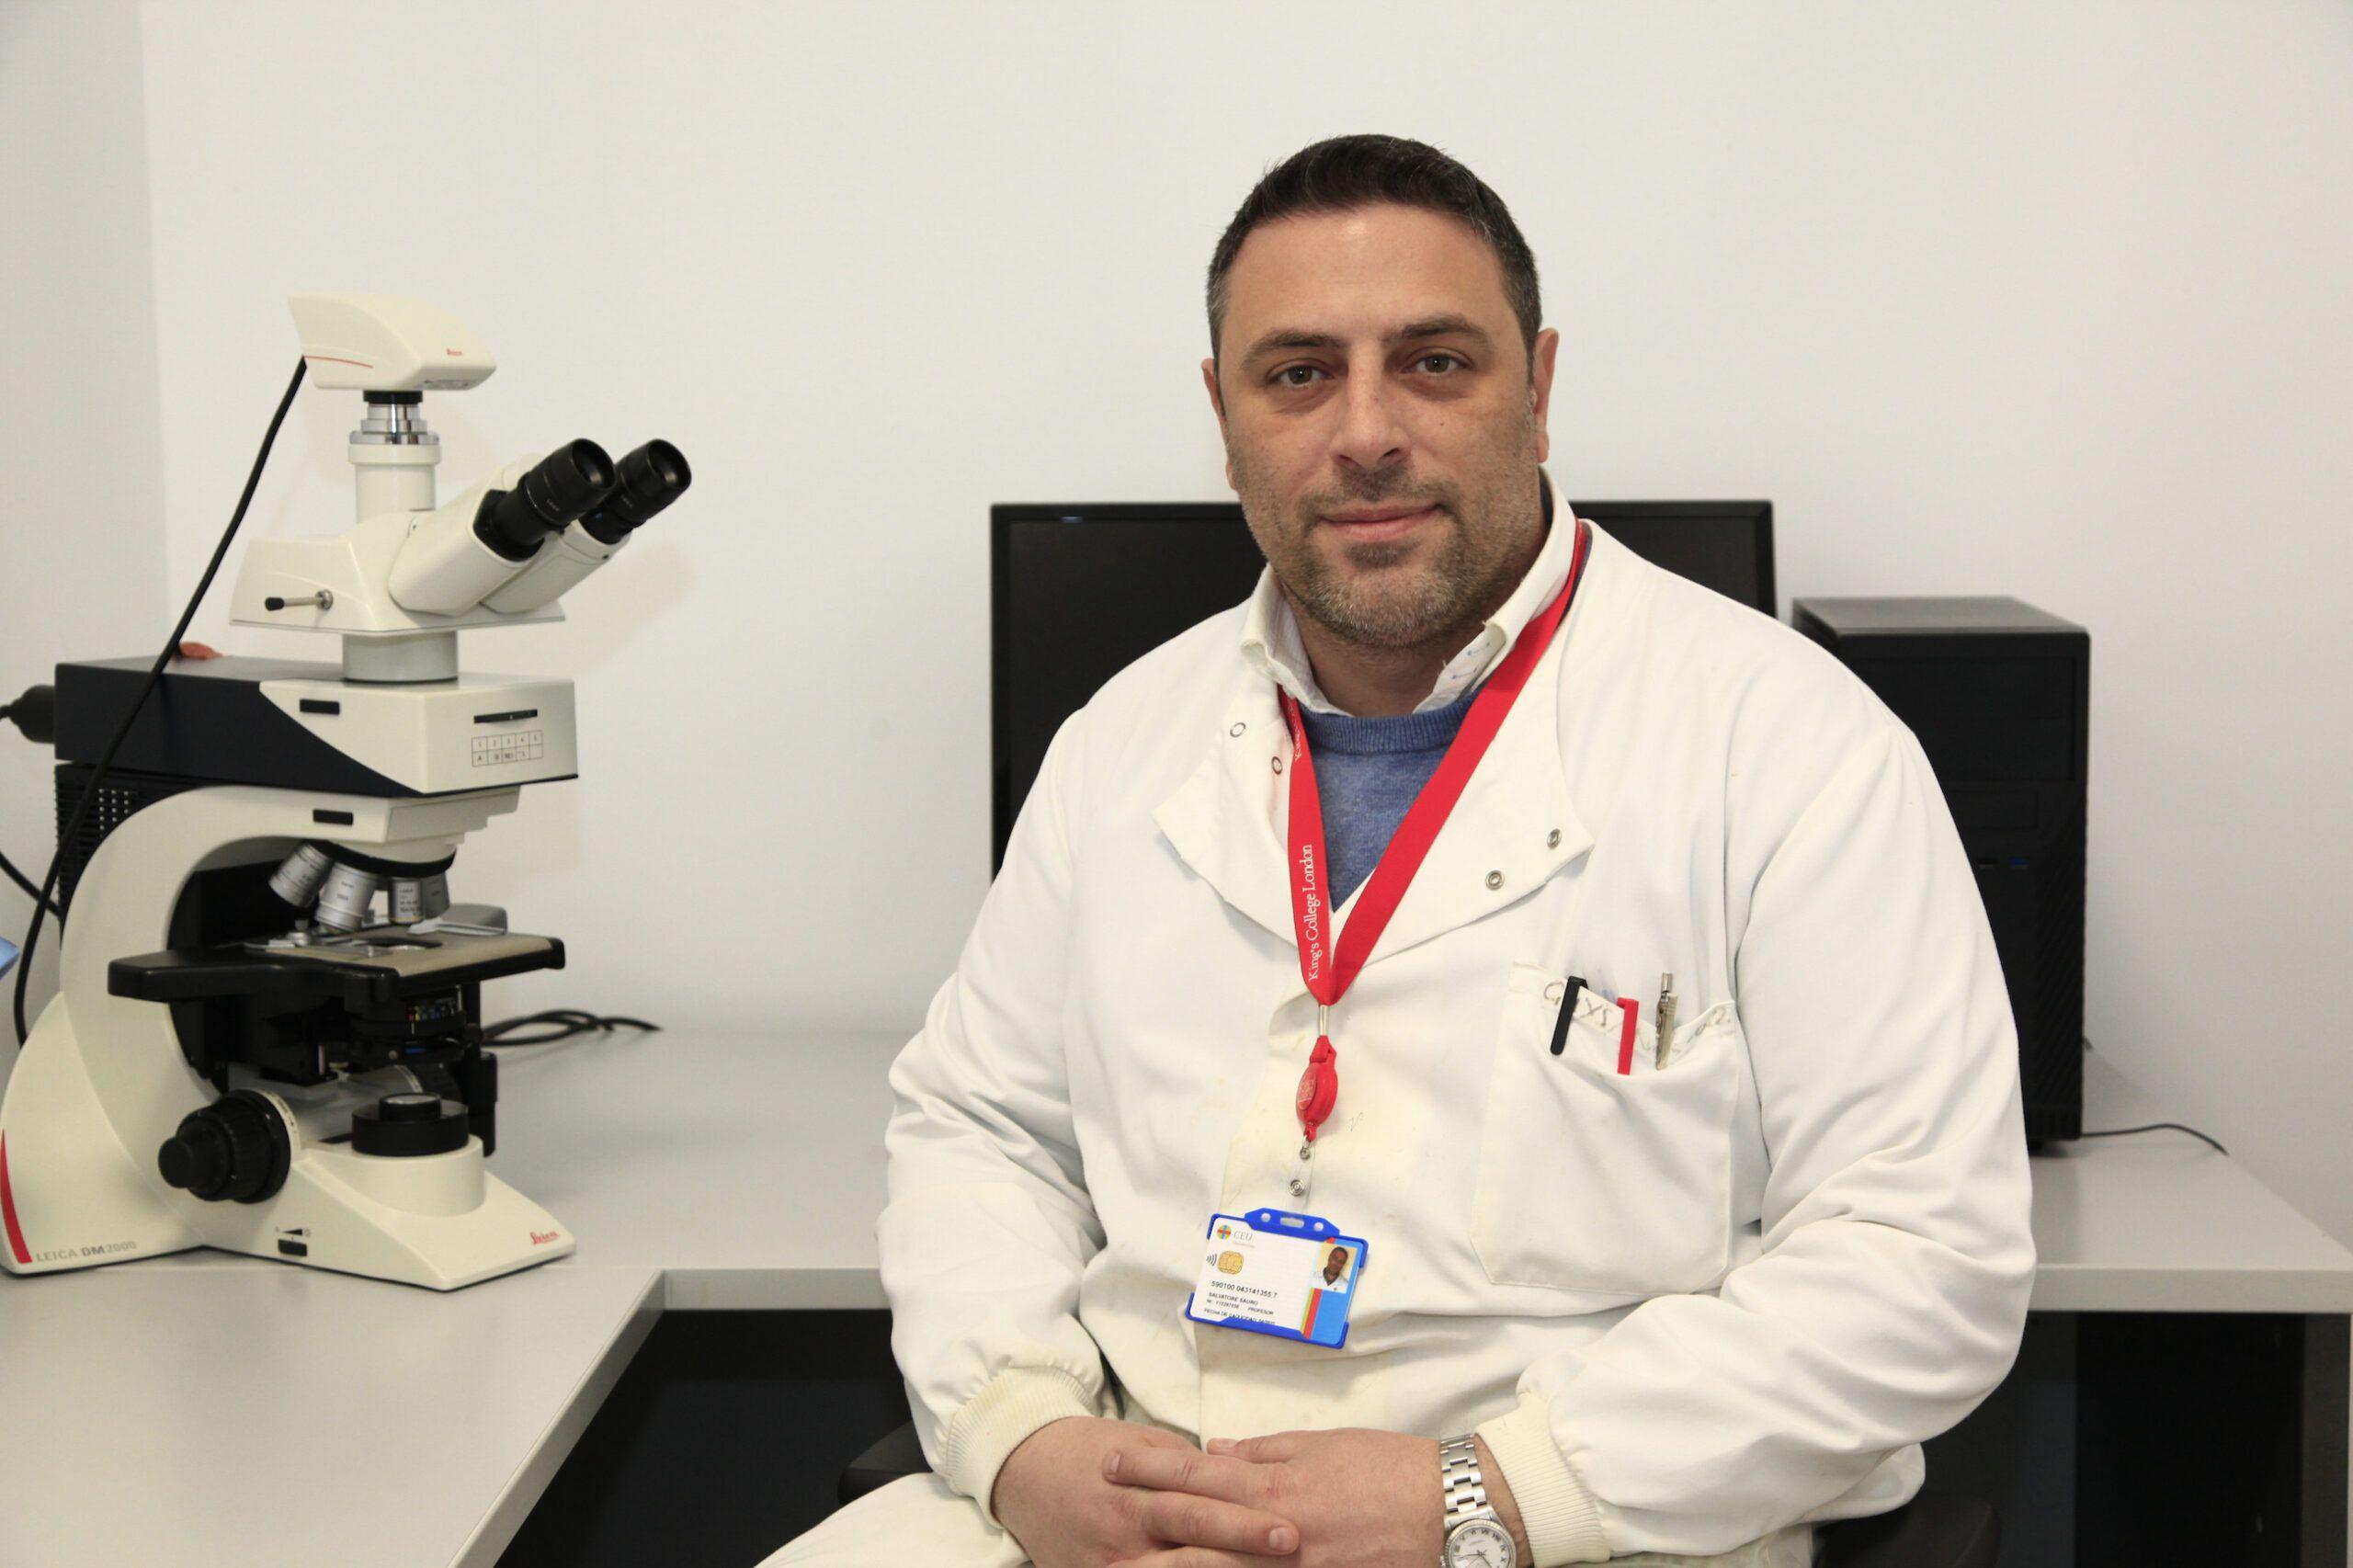 """El profesor de la CEU UCH, Salvatore Sauro, ganador del XXIII Premio """"Mejor Artículo Científico Gaceta Dental""""."""